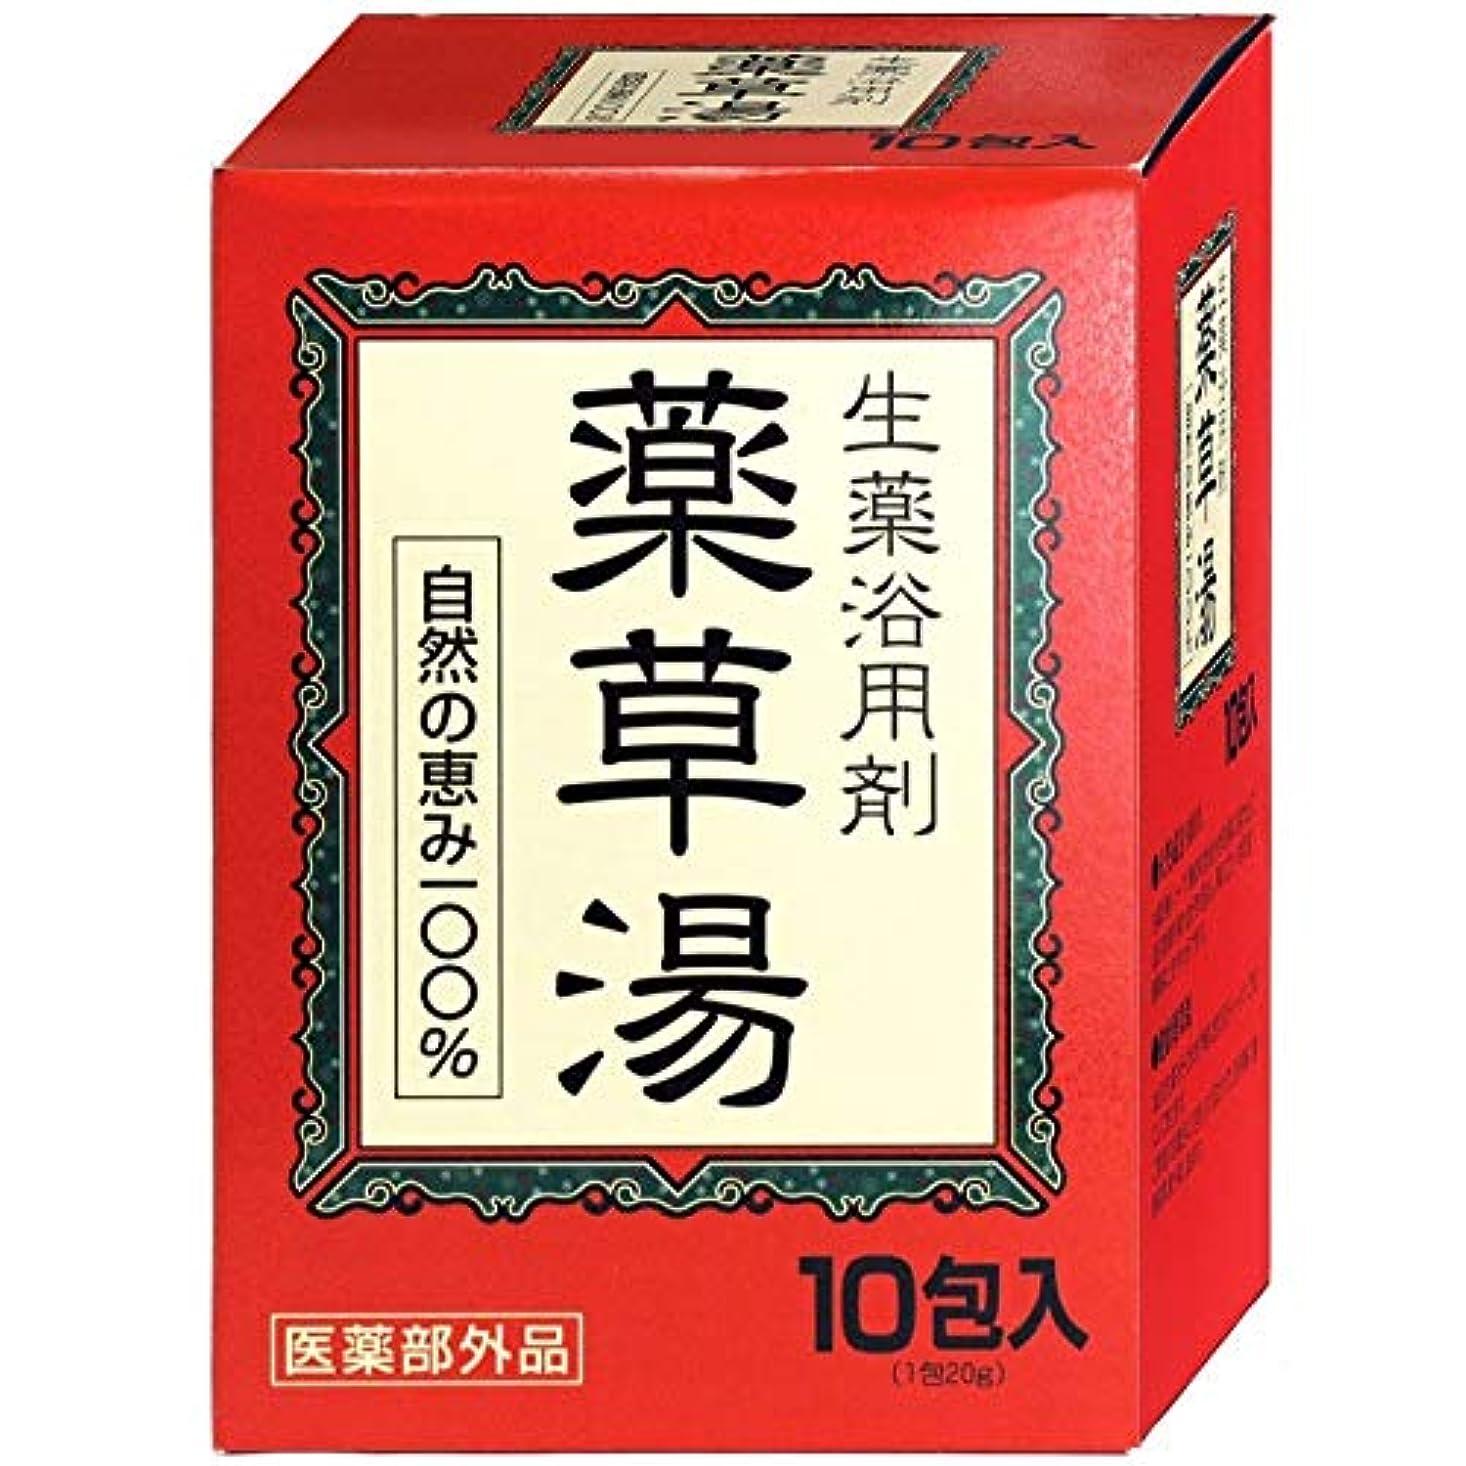 指導する計画応援するVVN生薬入浴剤薬草湯10包×(10セット)